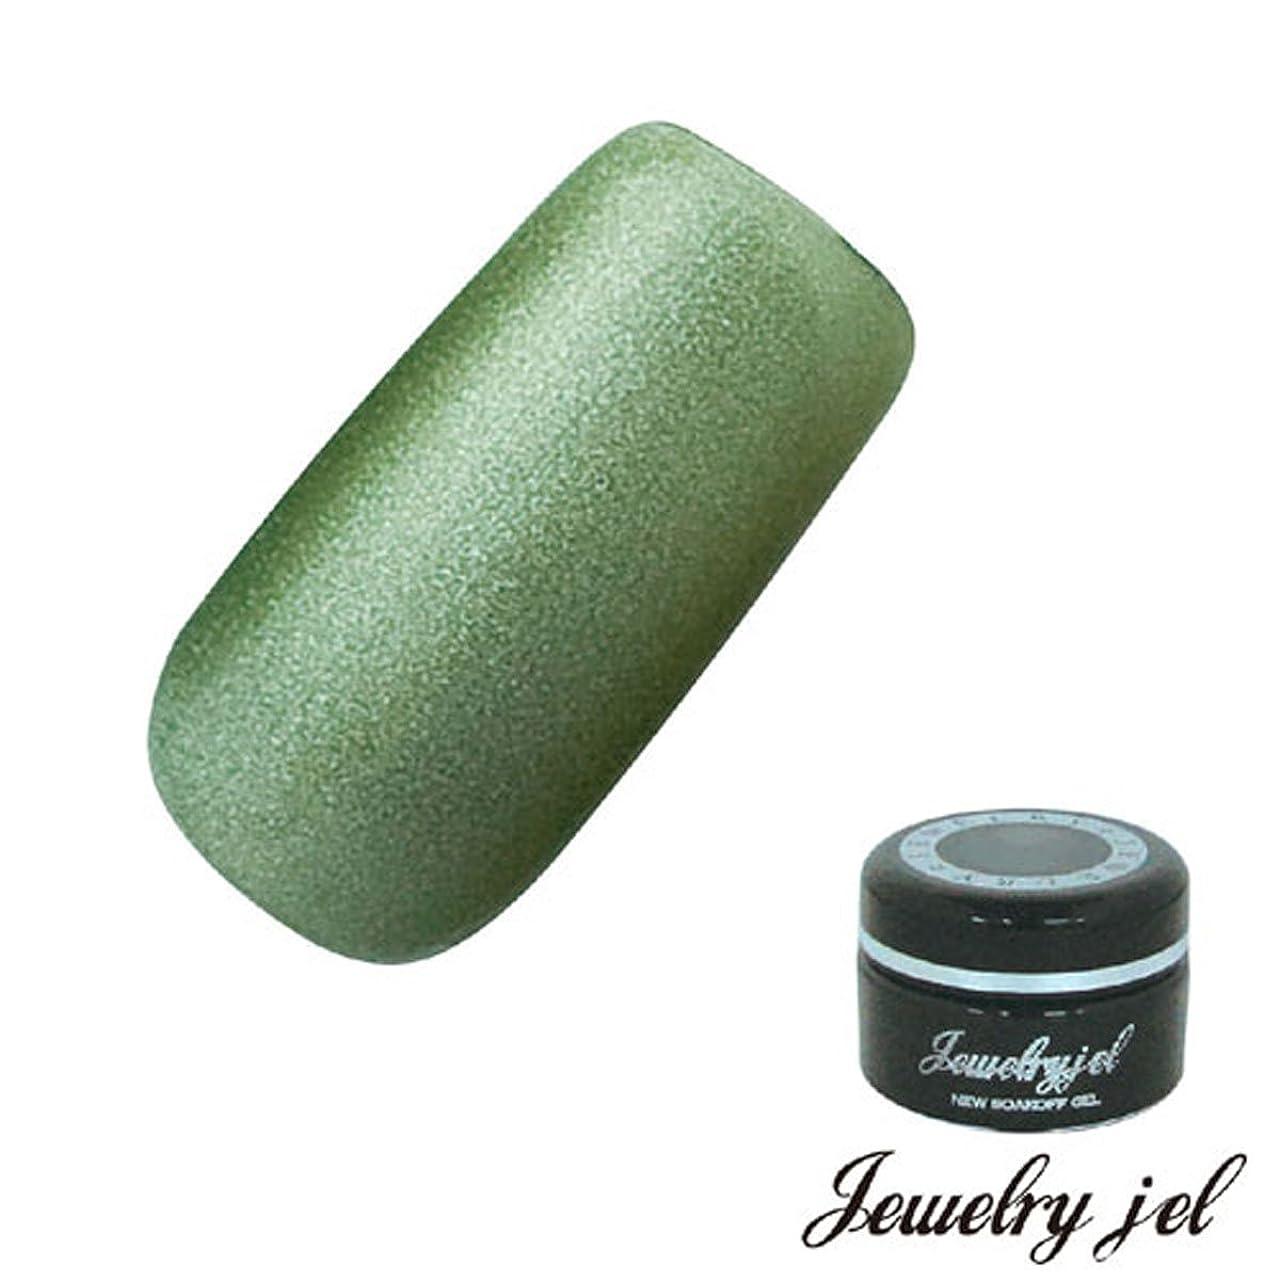 疲労安西投票ジュエリージェル ジェルネイル カラージェル SG206 3.5g 迷彩グリーン パール入り UV/LED対応  ソークオフジェル グリーン迷彩グリーン